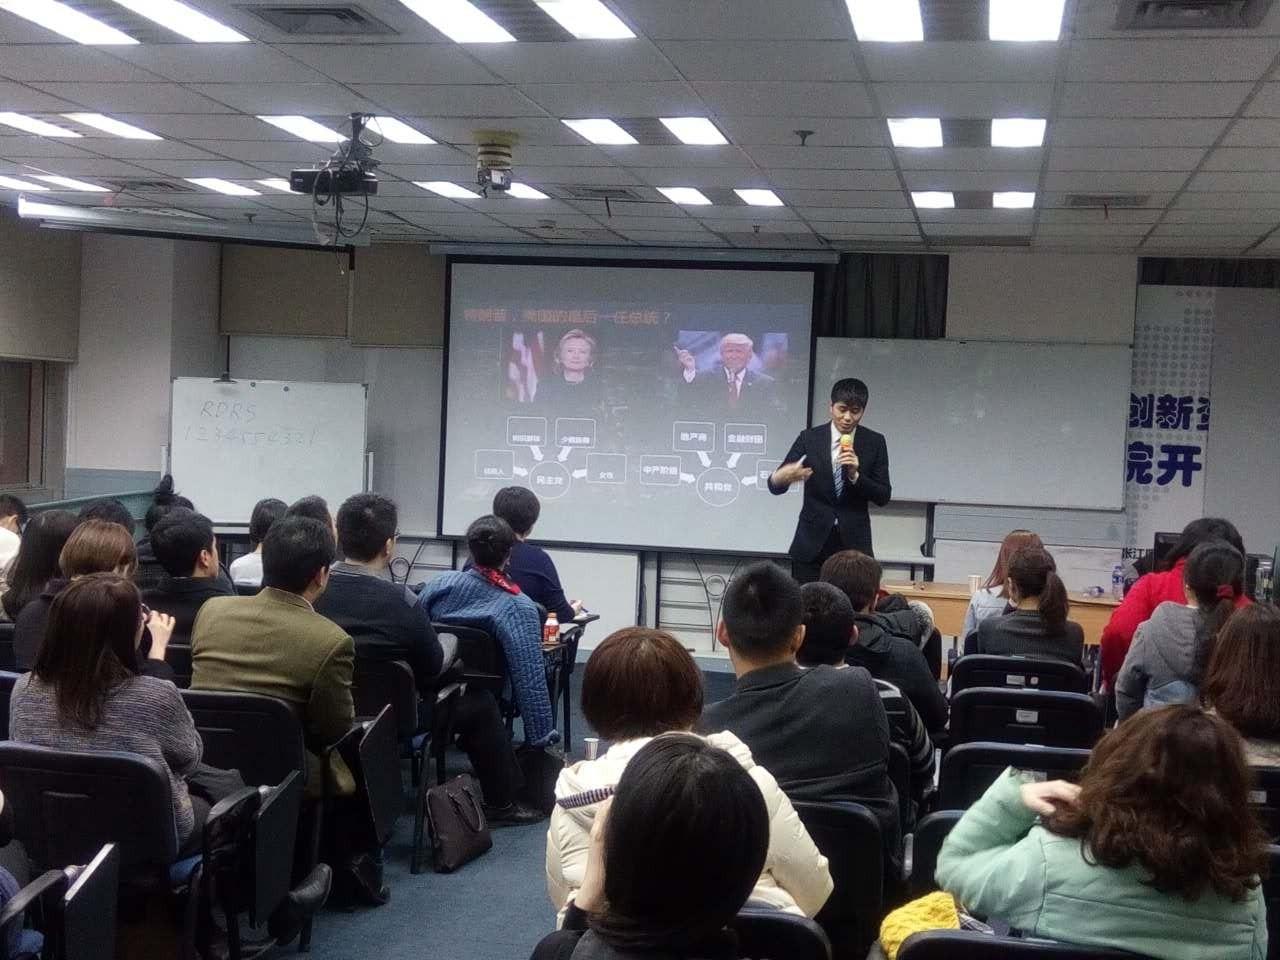 上海中国人民大学人学院晚间沙龙